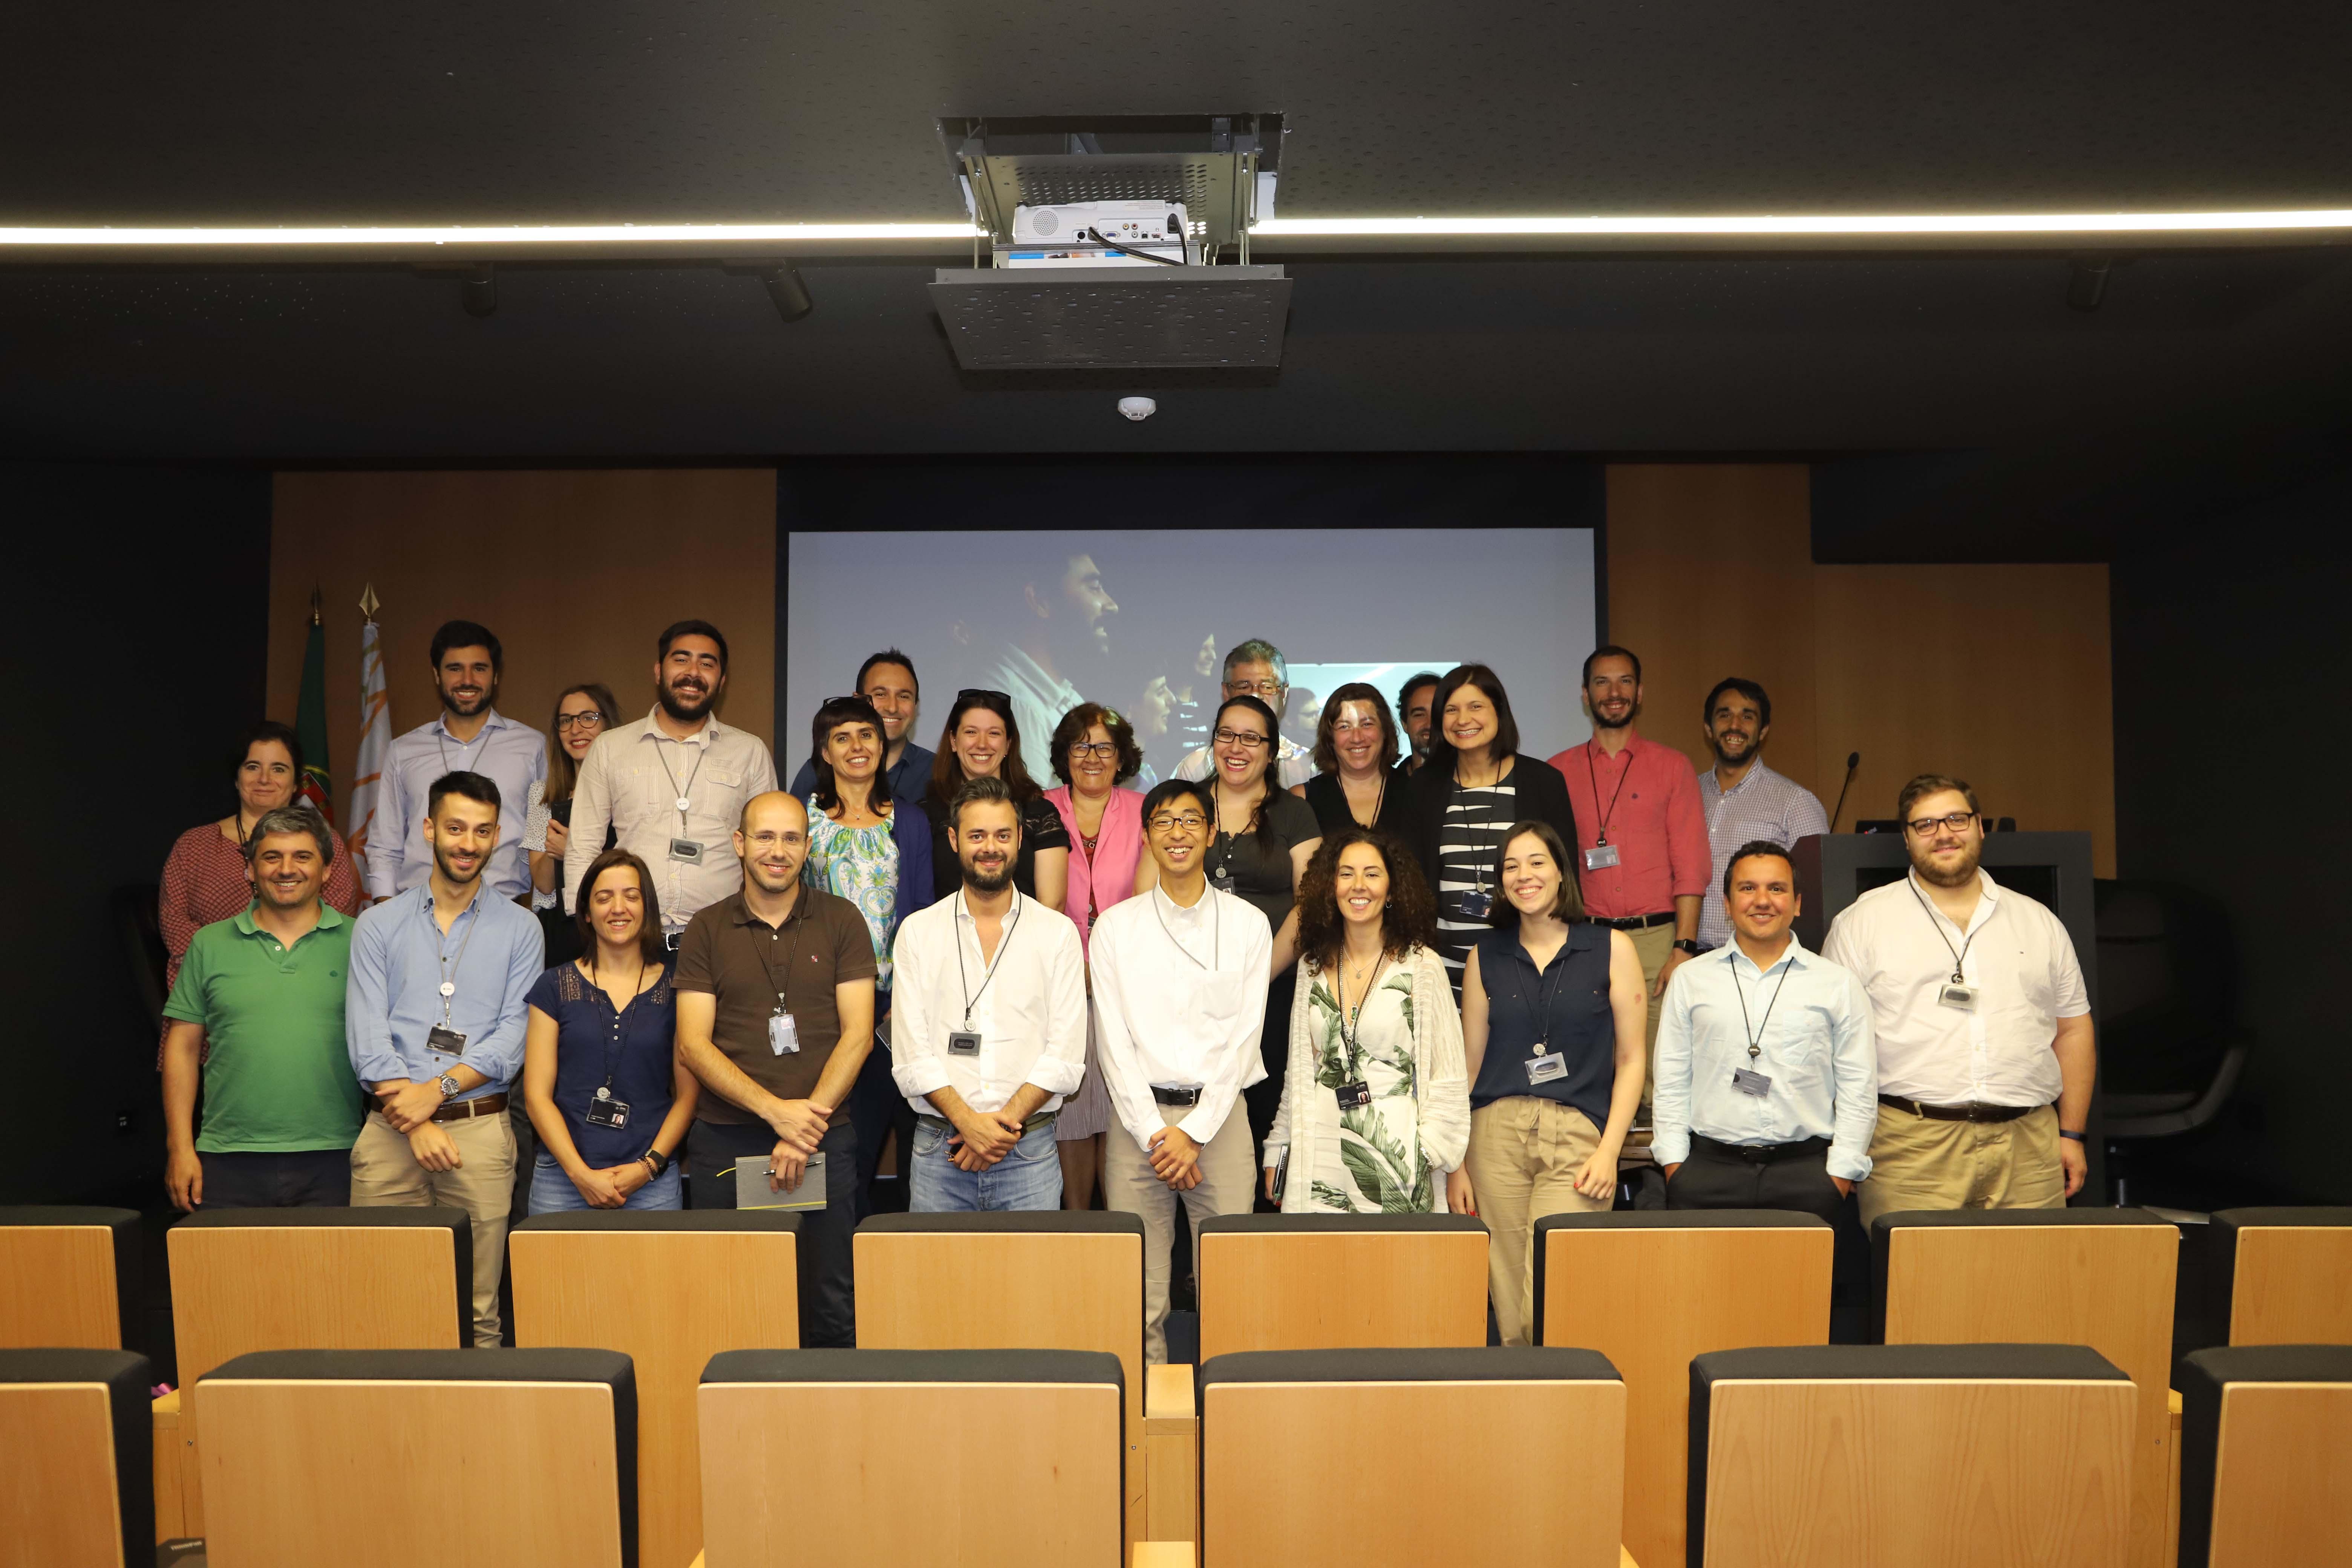 visita estudante japonês à SPMS foto de grupo